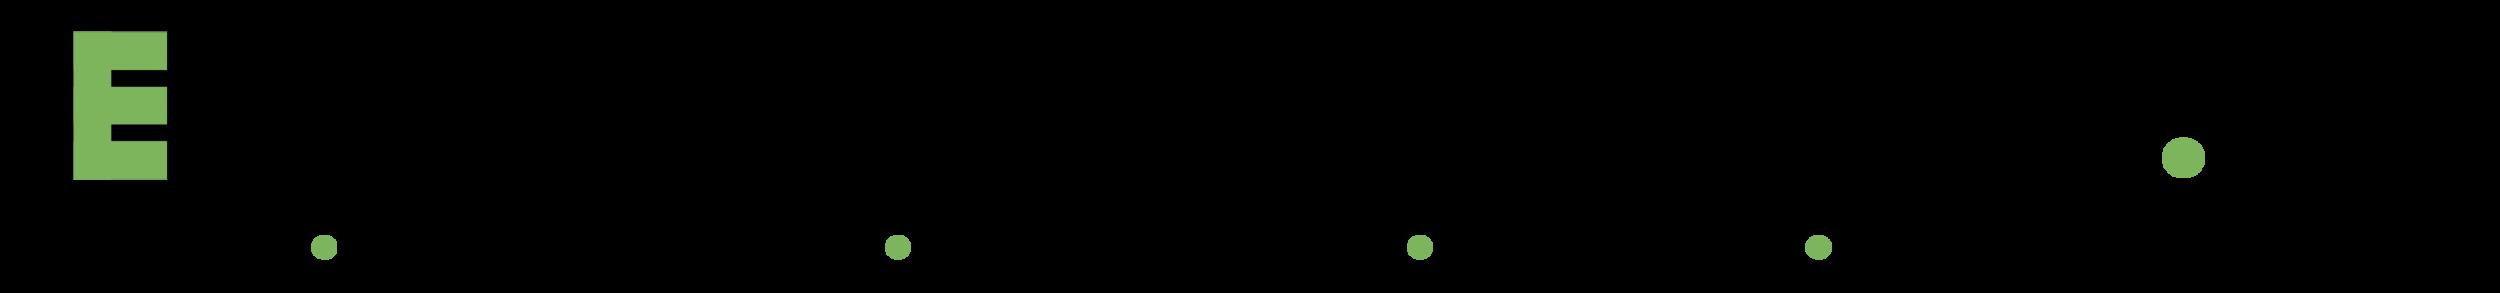 logoDEFinfo(black).png